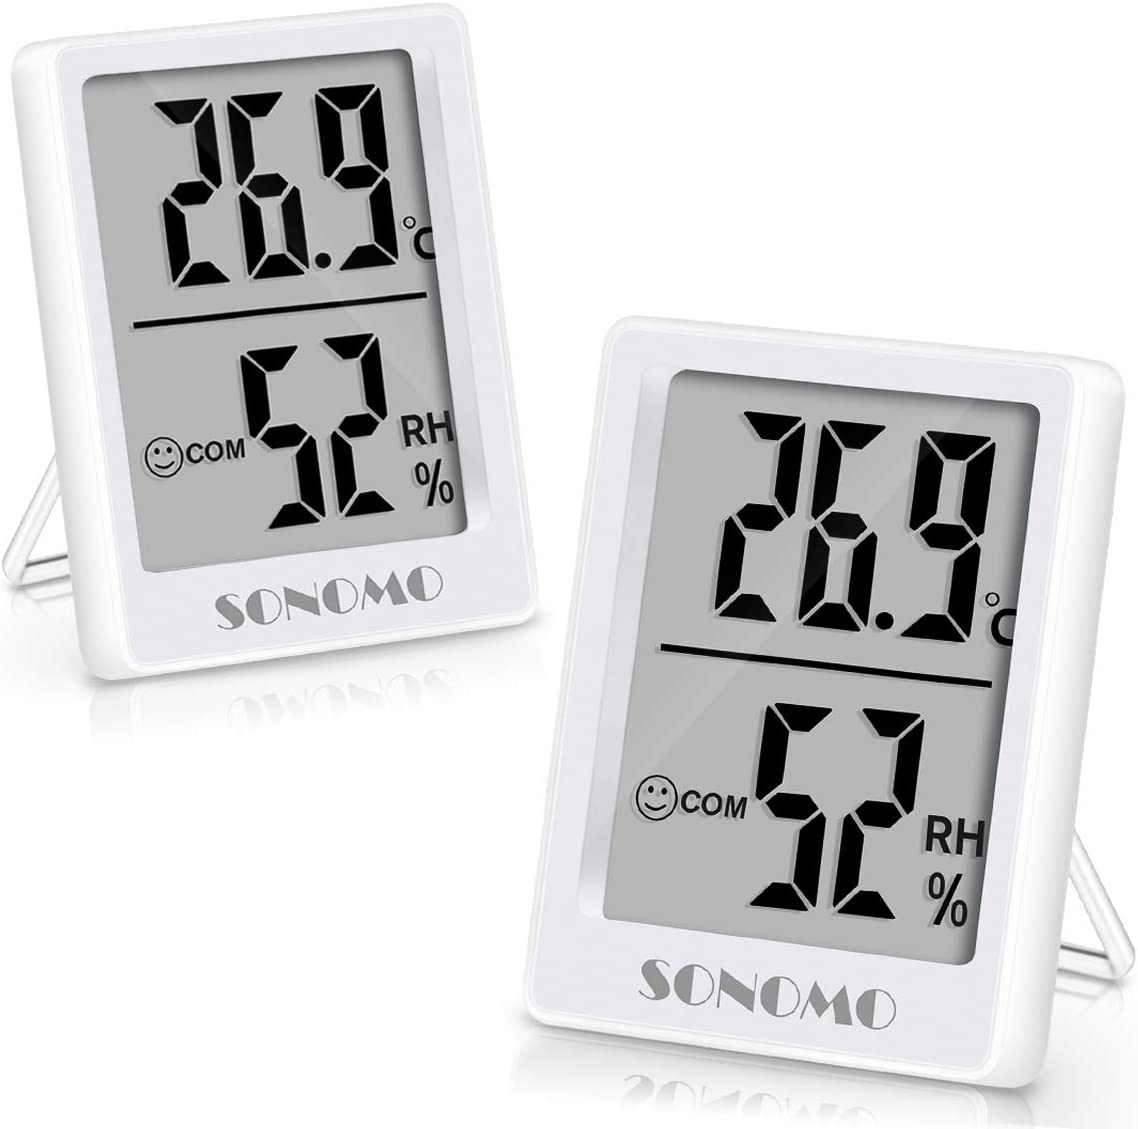 Sonomo Termometro Igrometro Termometro Indoor Igrometro Digitale Termometro Umidificatore ad Alta Precisione per Interni Baby Camera Soggiorno Ufficio